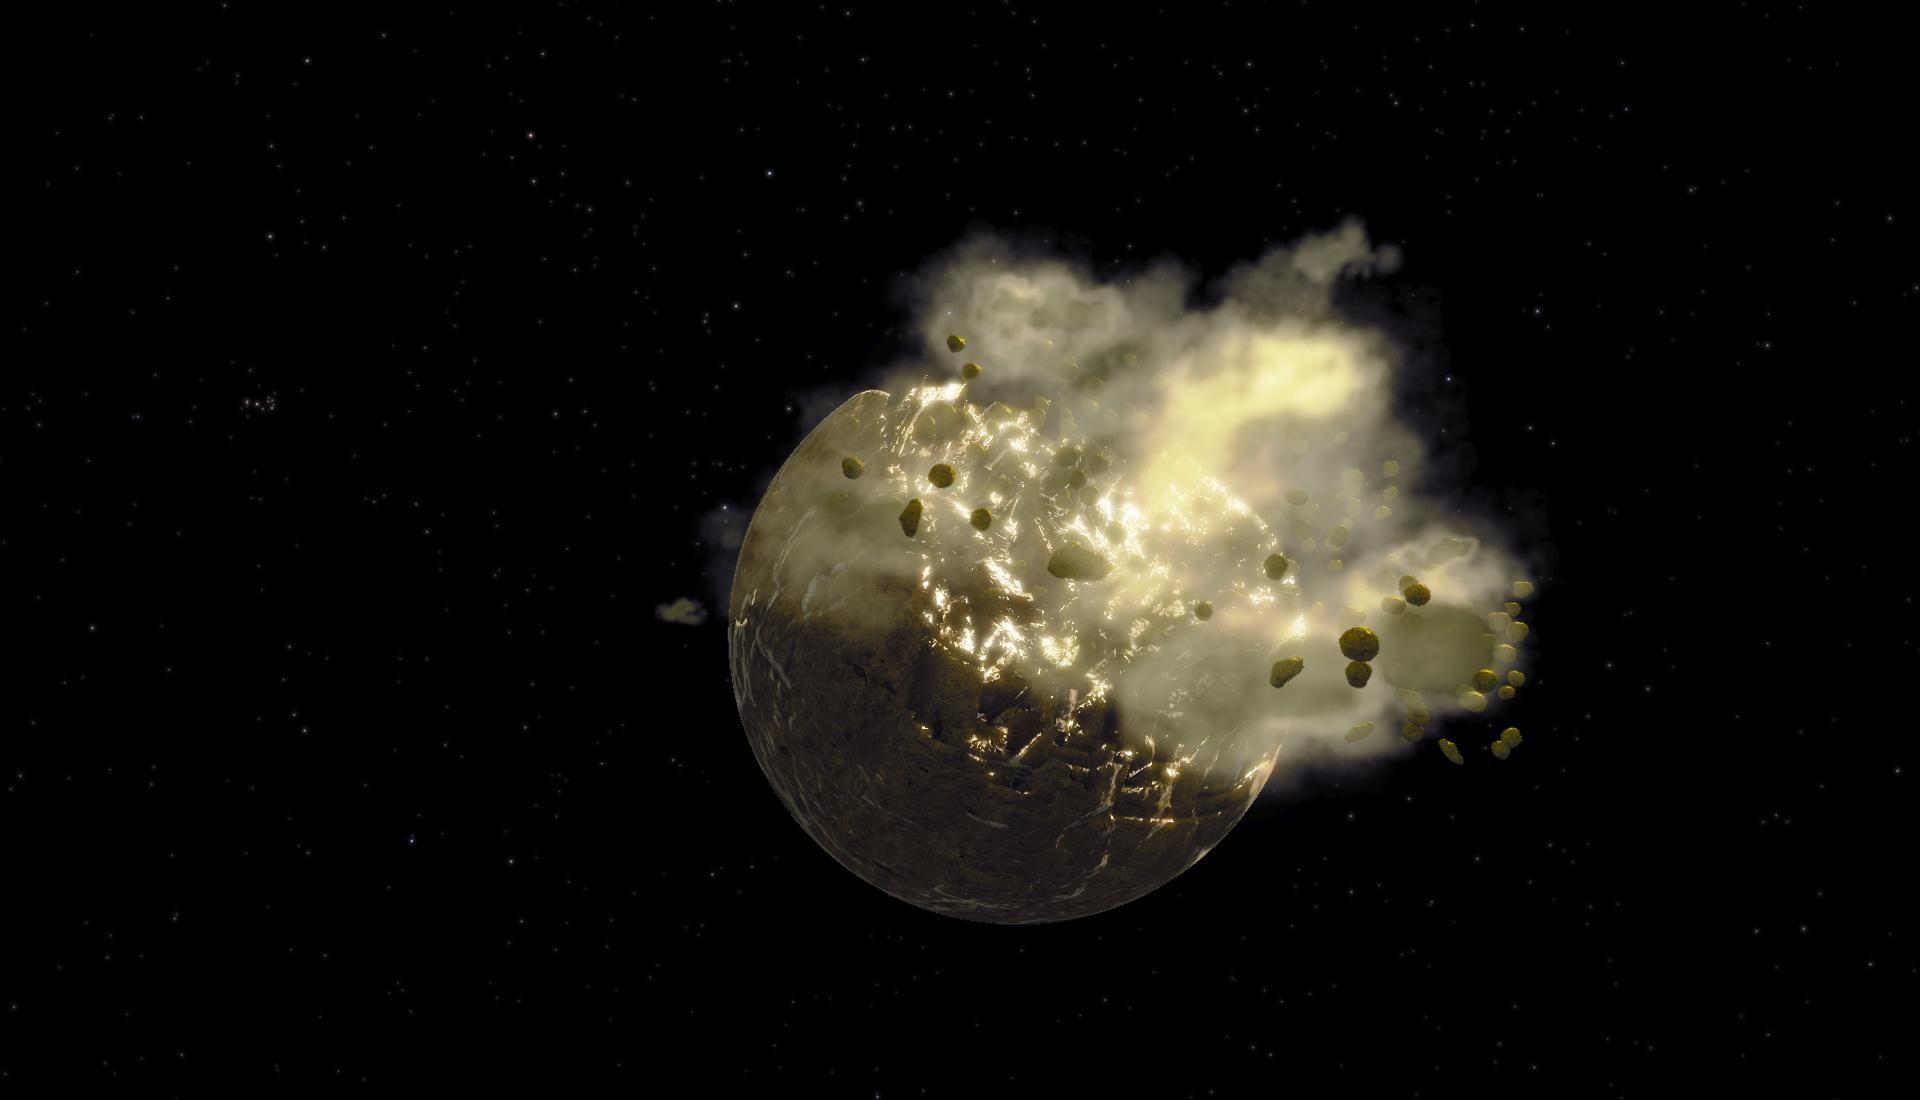 تفسير انفجار القمر في المنام موسوعة Moon Over The Moon Celestial